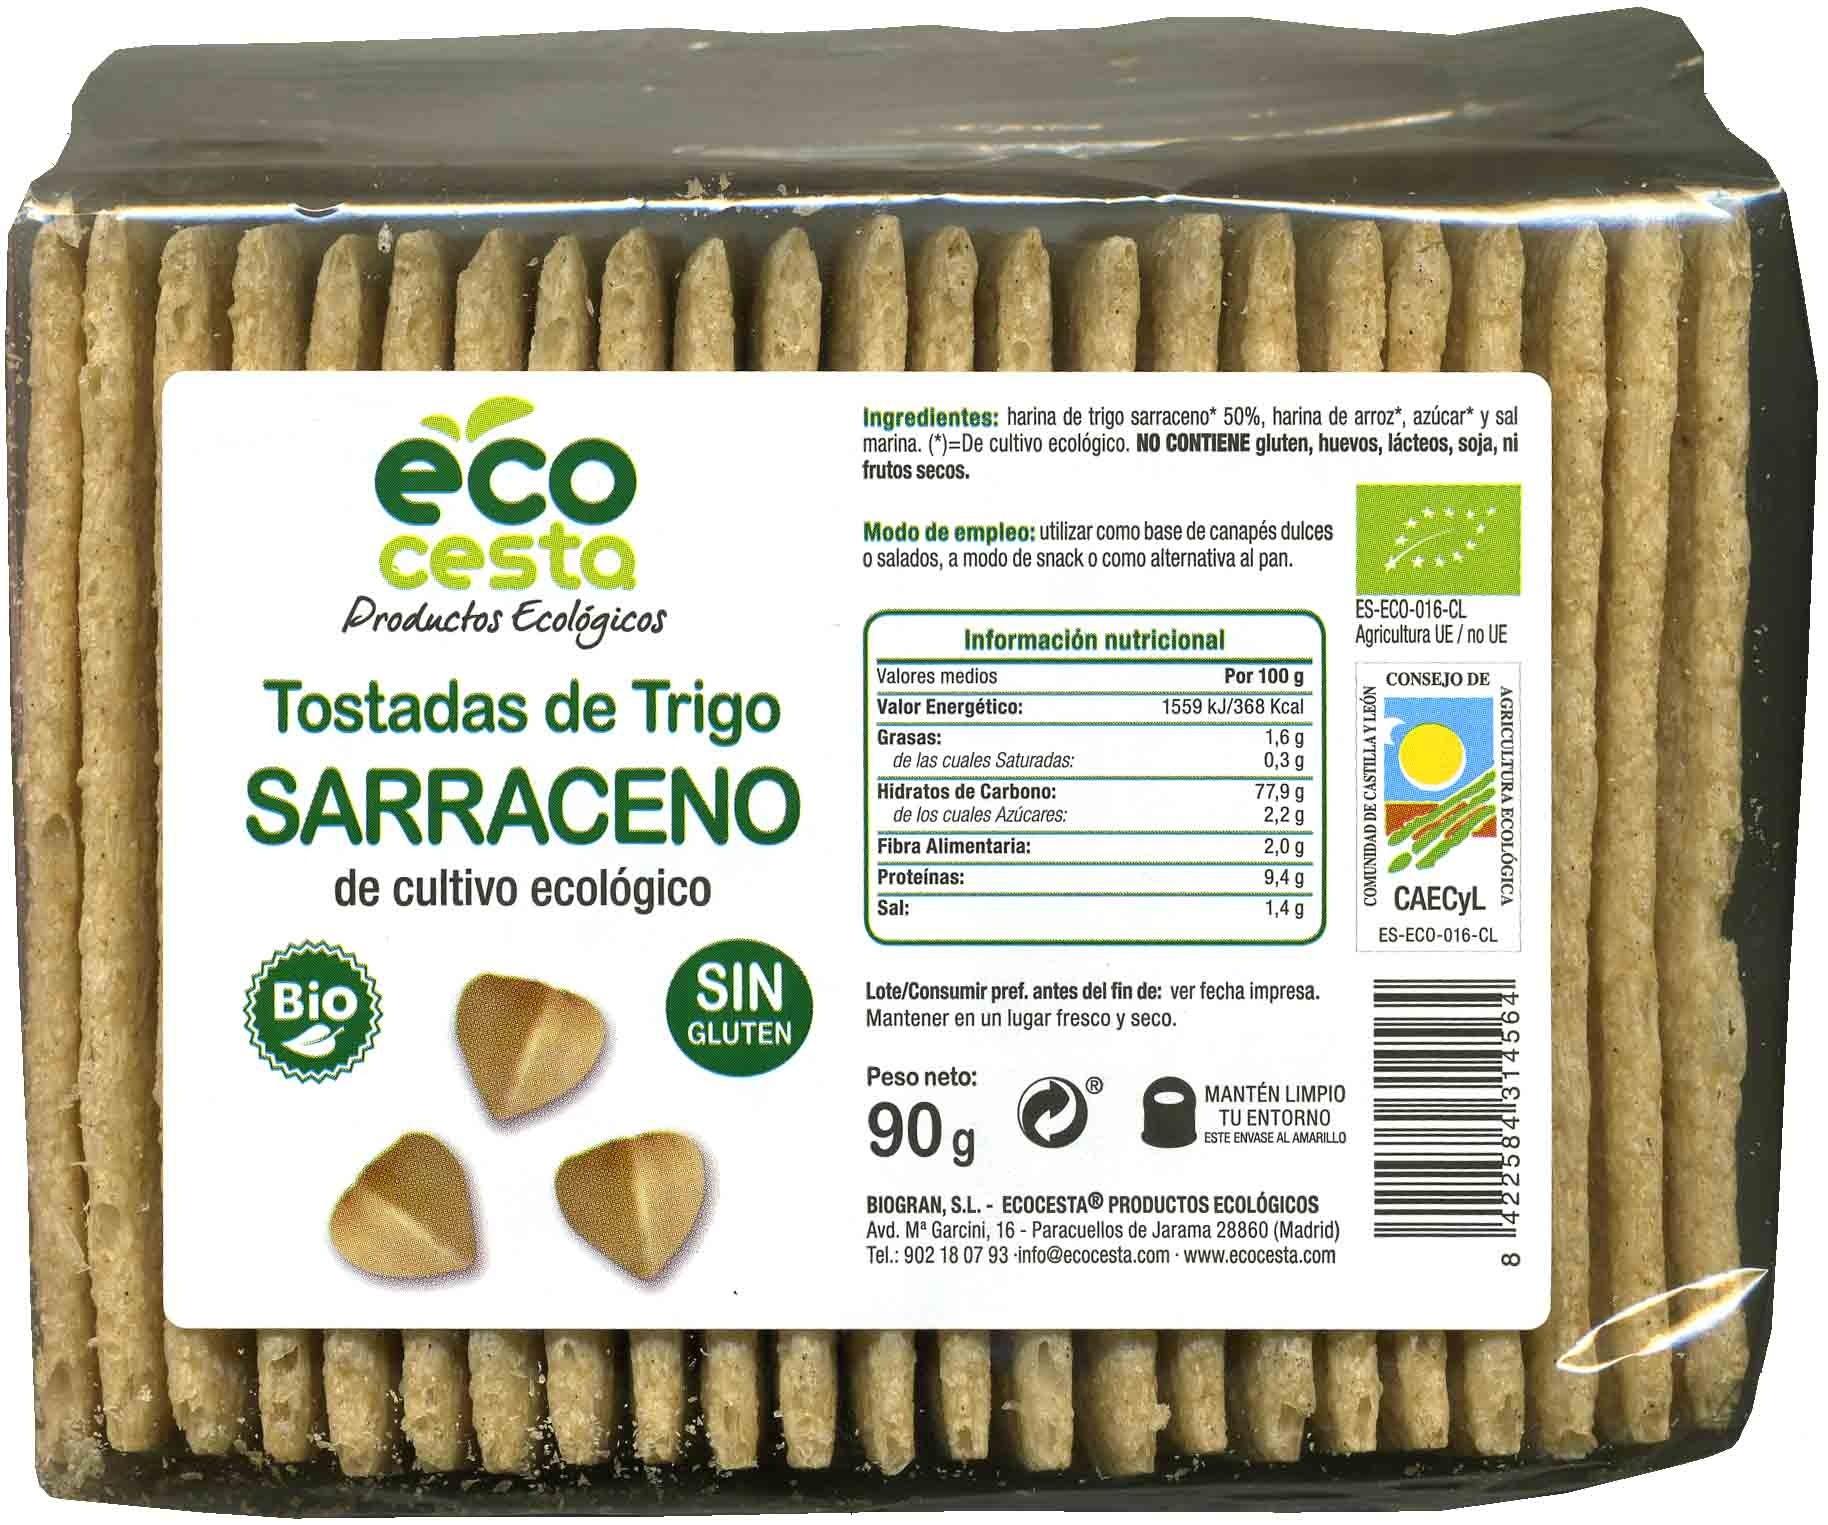 Tostadas de trigo sarraceno - Product